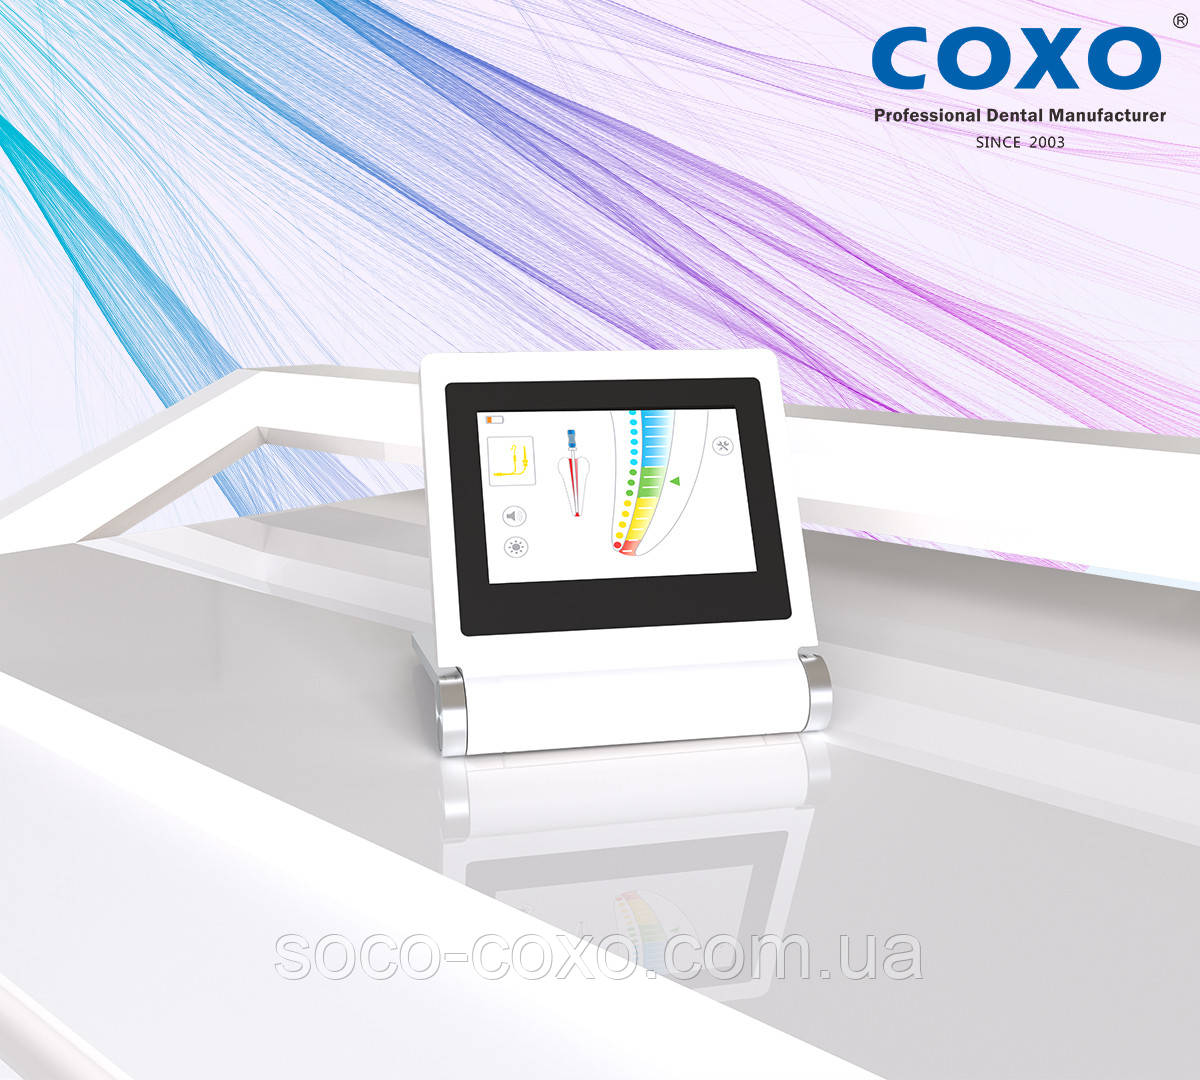 Апекслокатор с пульптестером COXO C-Root I+ Оригинал! Сертификат качества!